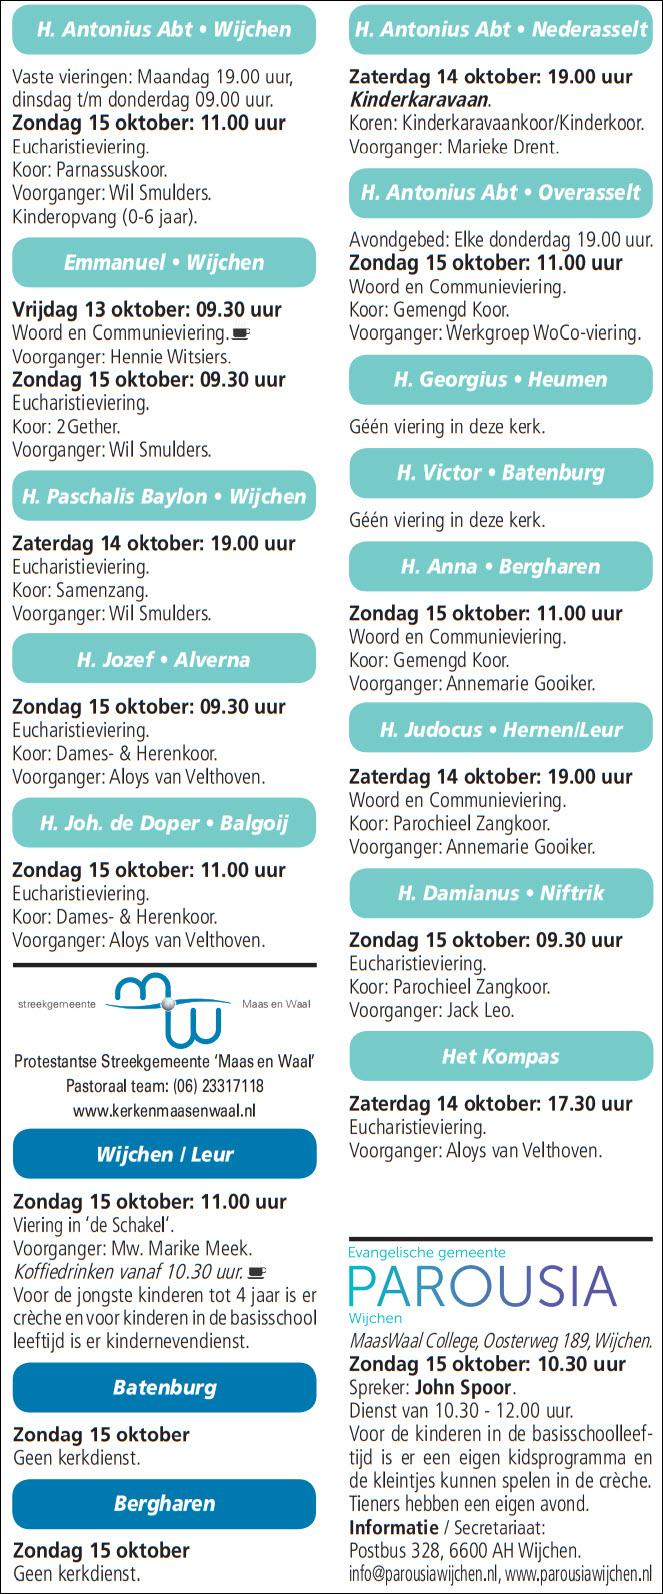 https://cdn.nieuws.nl/media/sites/379/2017/10/09100238/Kerkberichten-Wijchen-111017.jpg